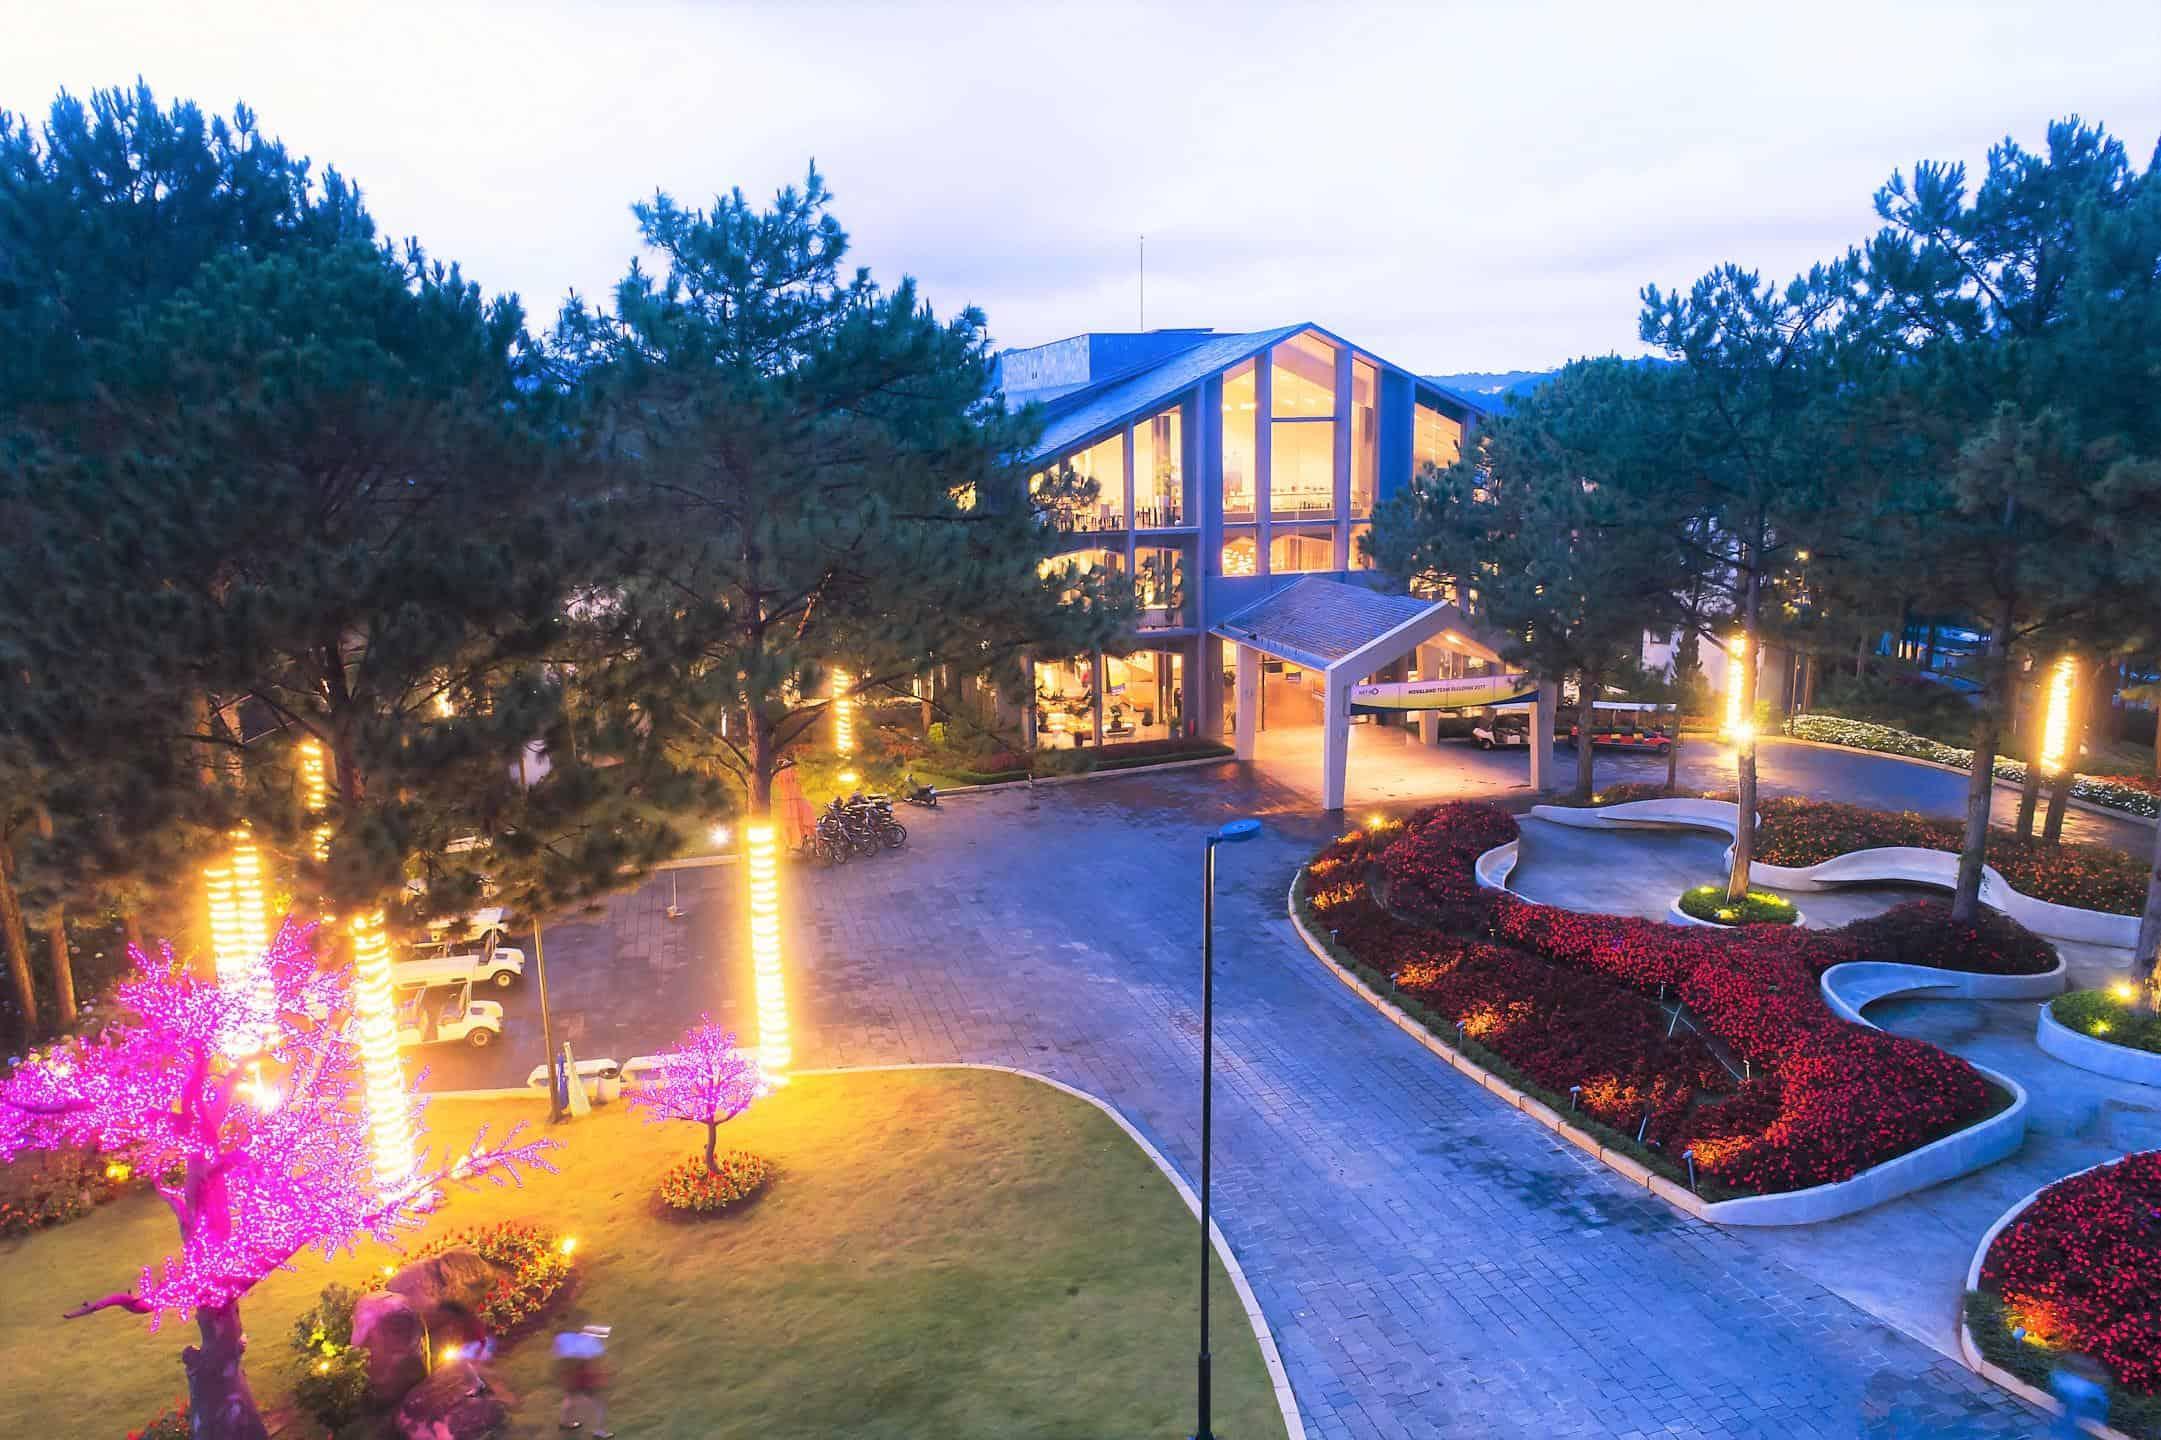 Terracotta Hotel & Resort Dalat đem đến cho du khách không gian nghỉ dưỡng thực sự